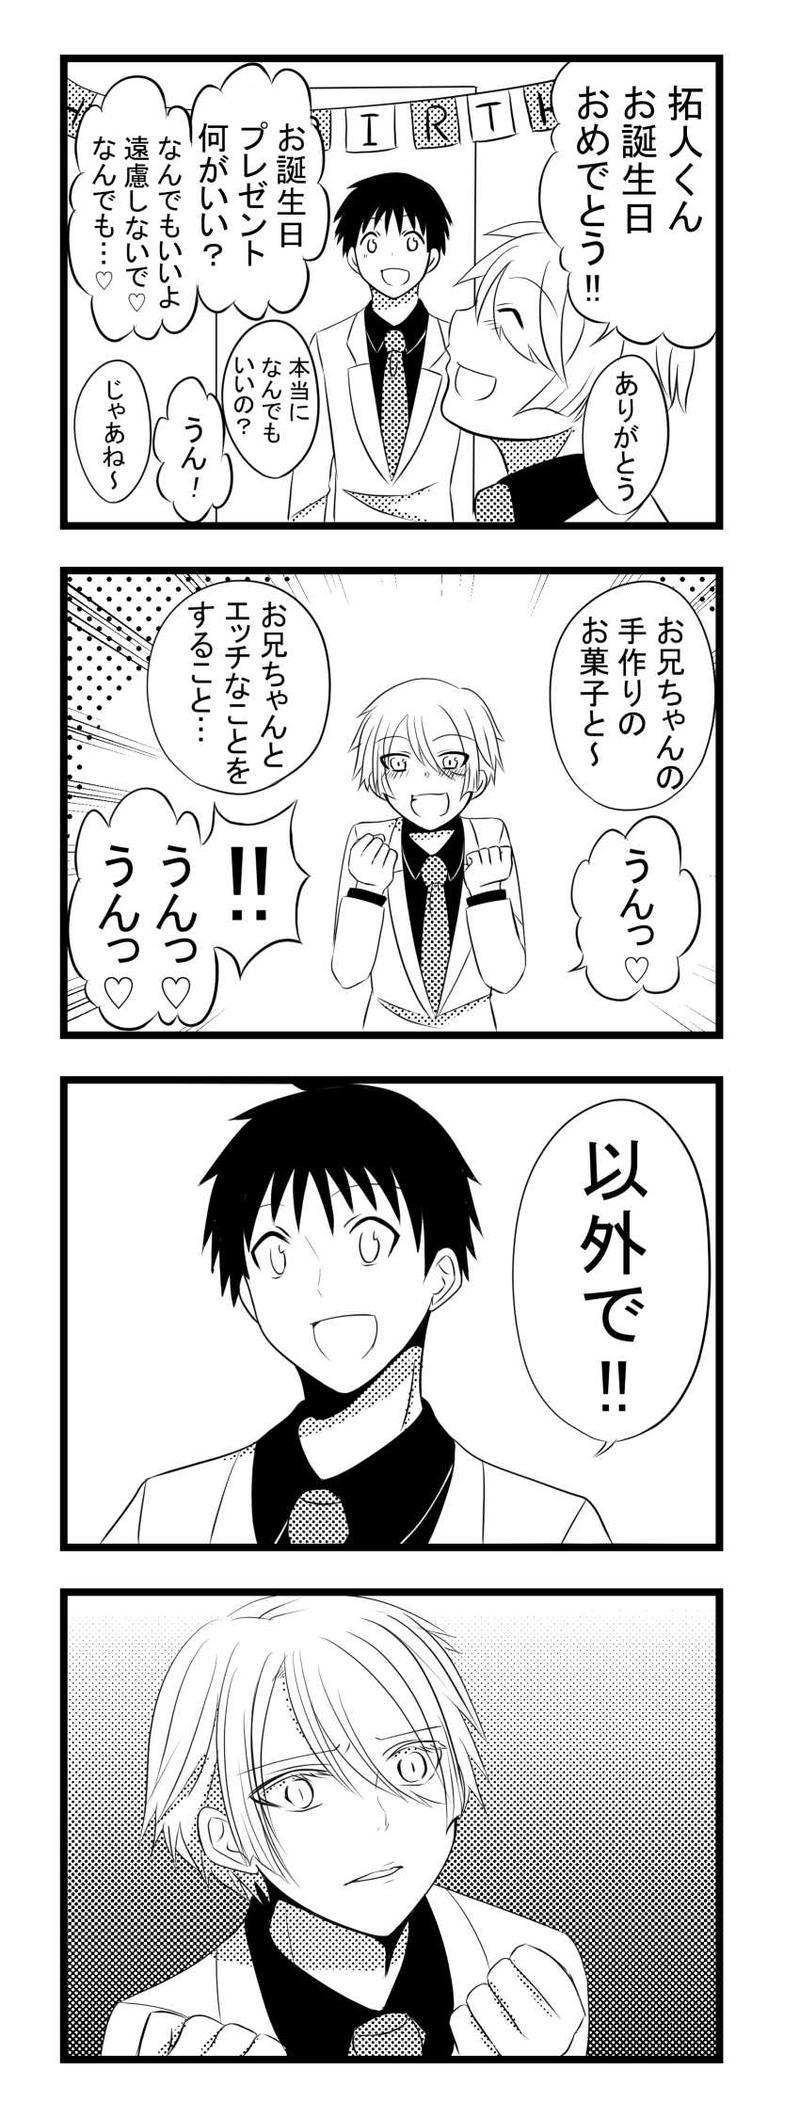 ヤンデレ小話3【拓人くんのお誕生日】